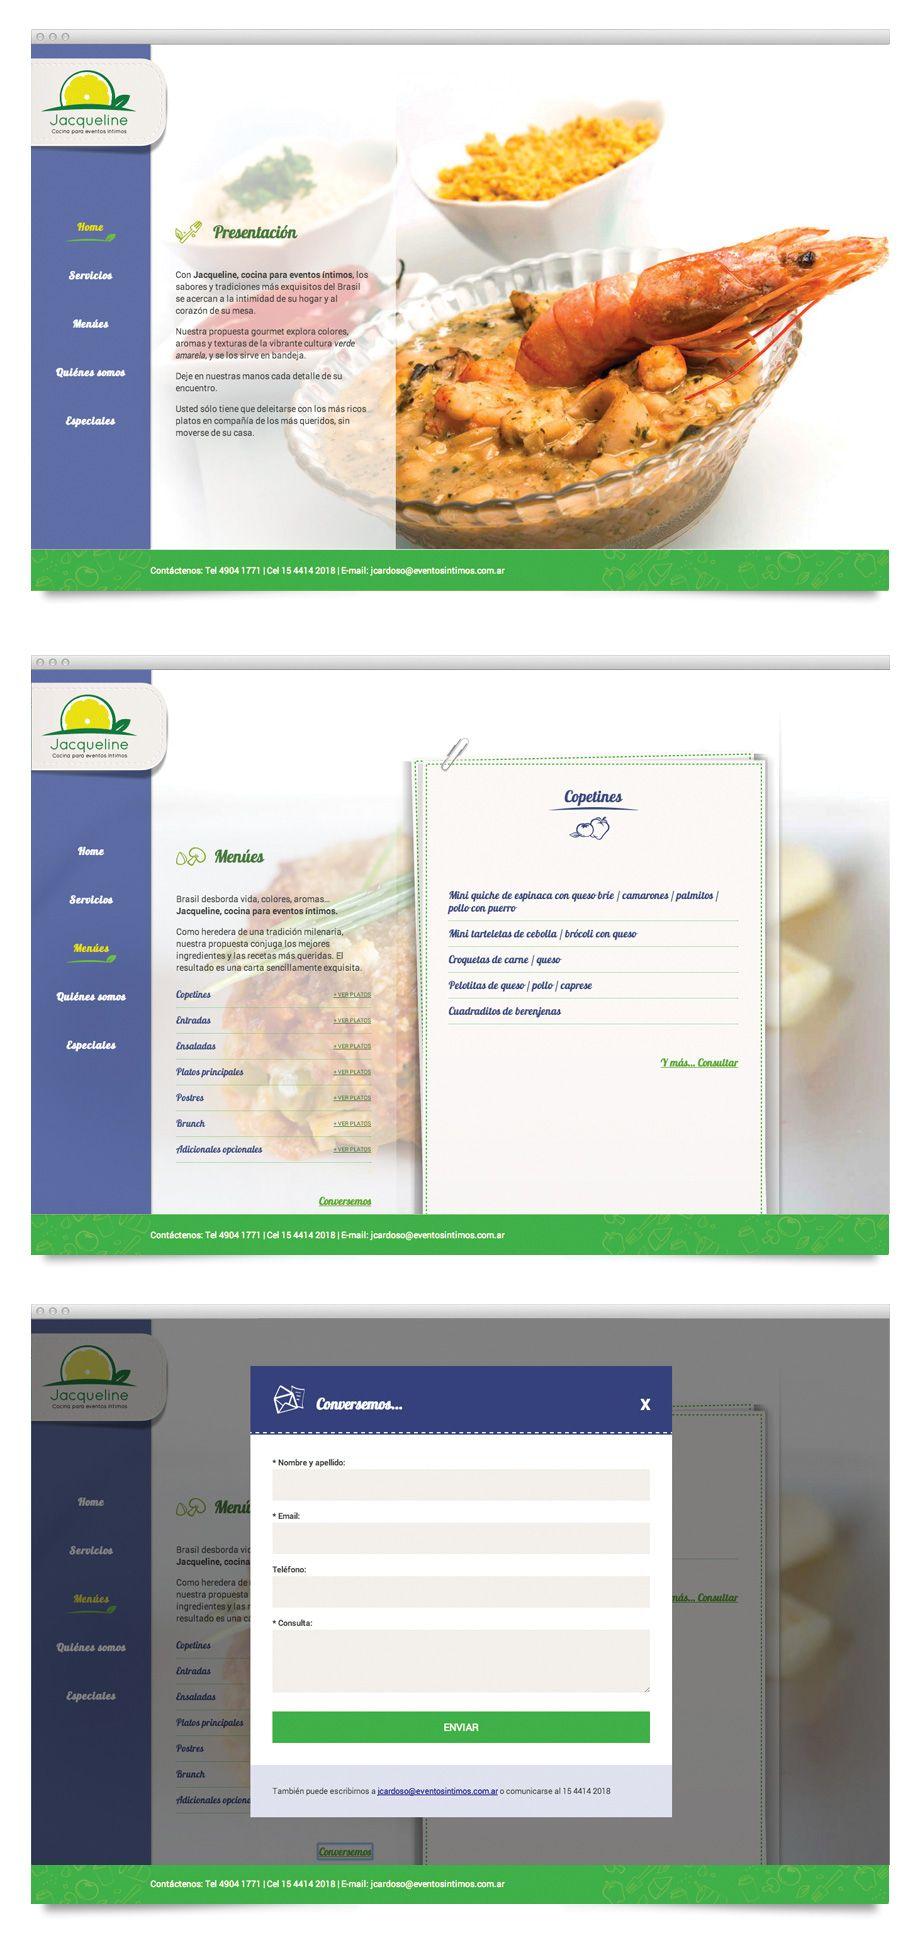 Vistoso Cocina De Diseño Sitio Foto - Ideas de Decoración de Cocina ...